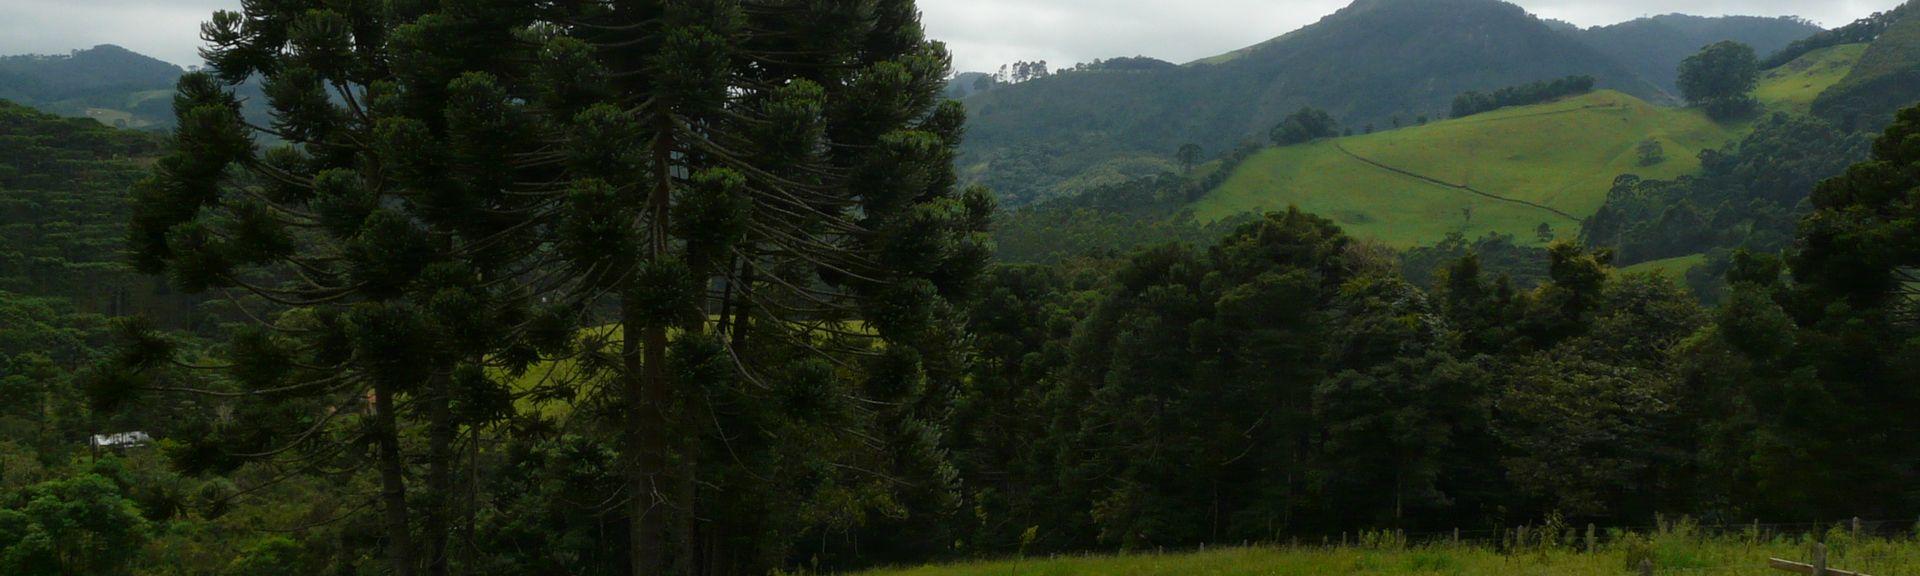 Μινάς Γκεραίς, Βραζιλία